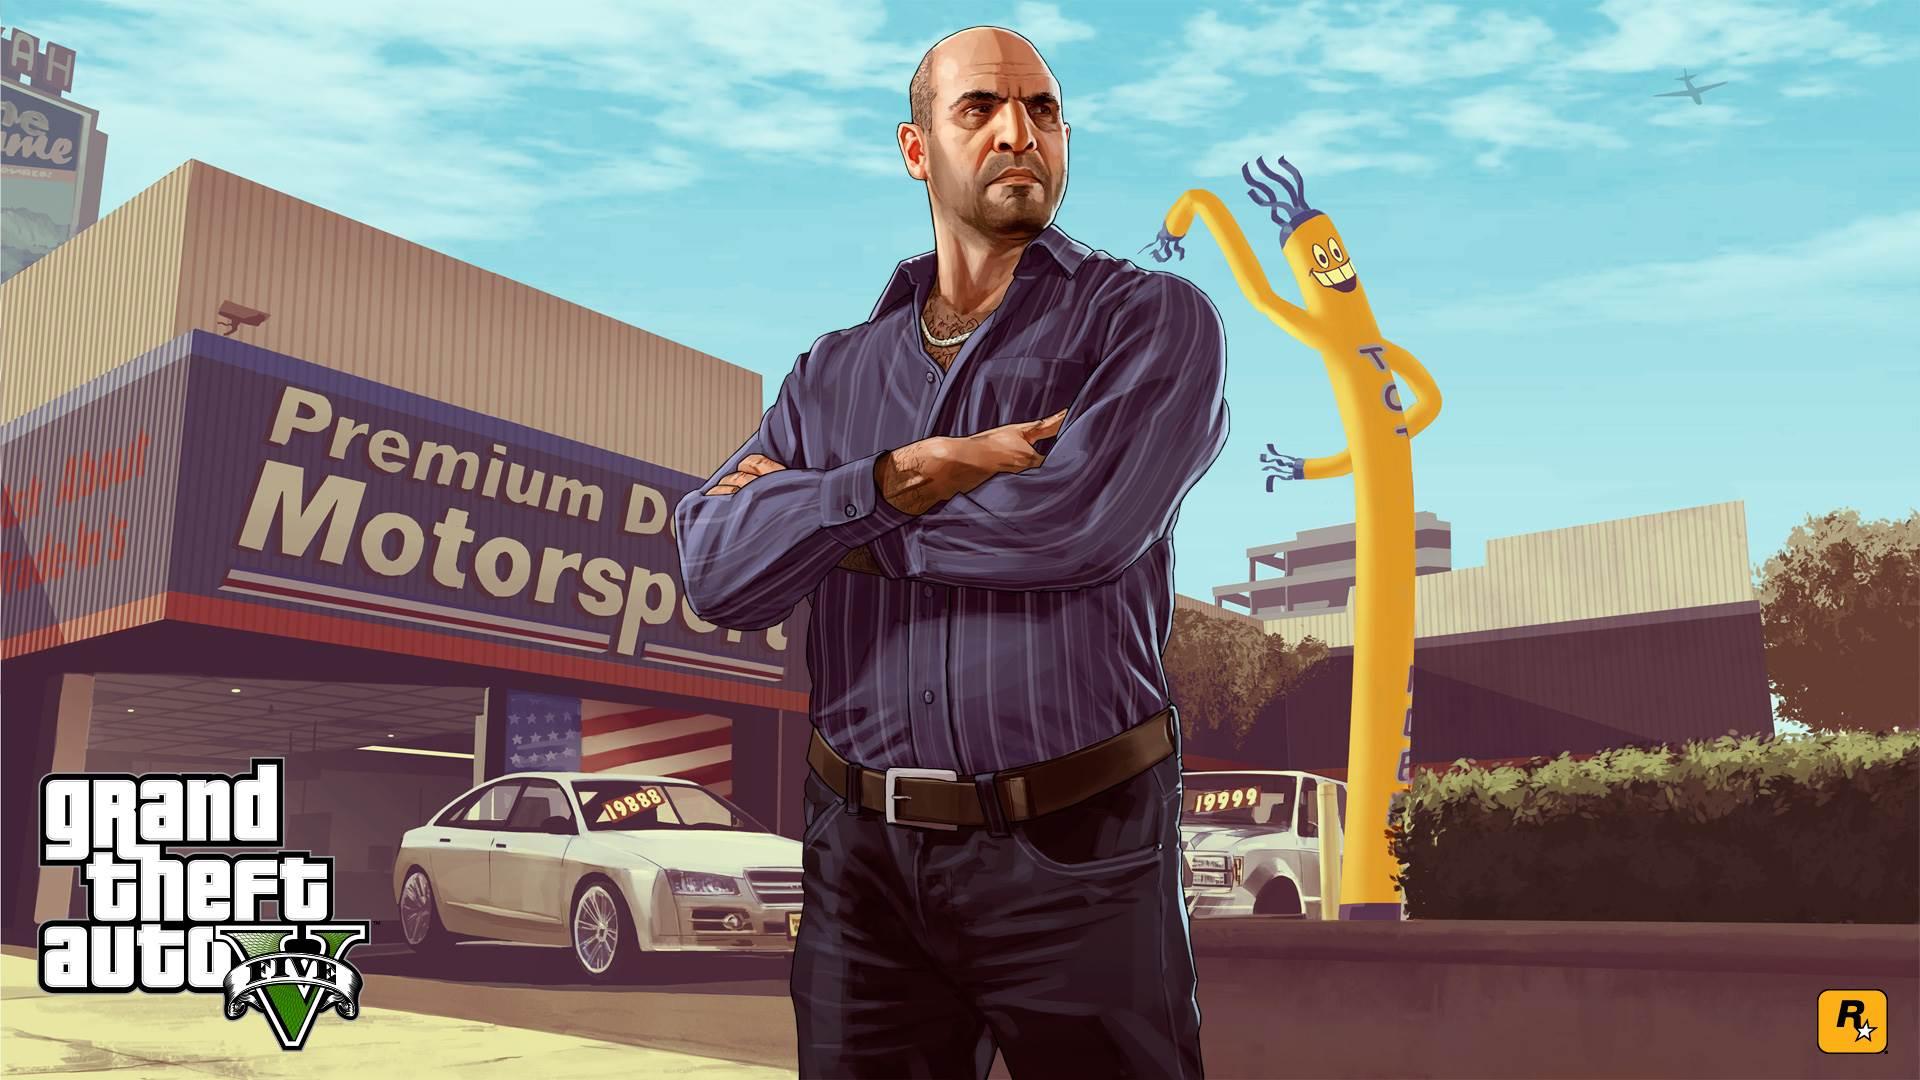 Grand Theft Auto V Wallpaper U Wallpaper Free Download